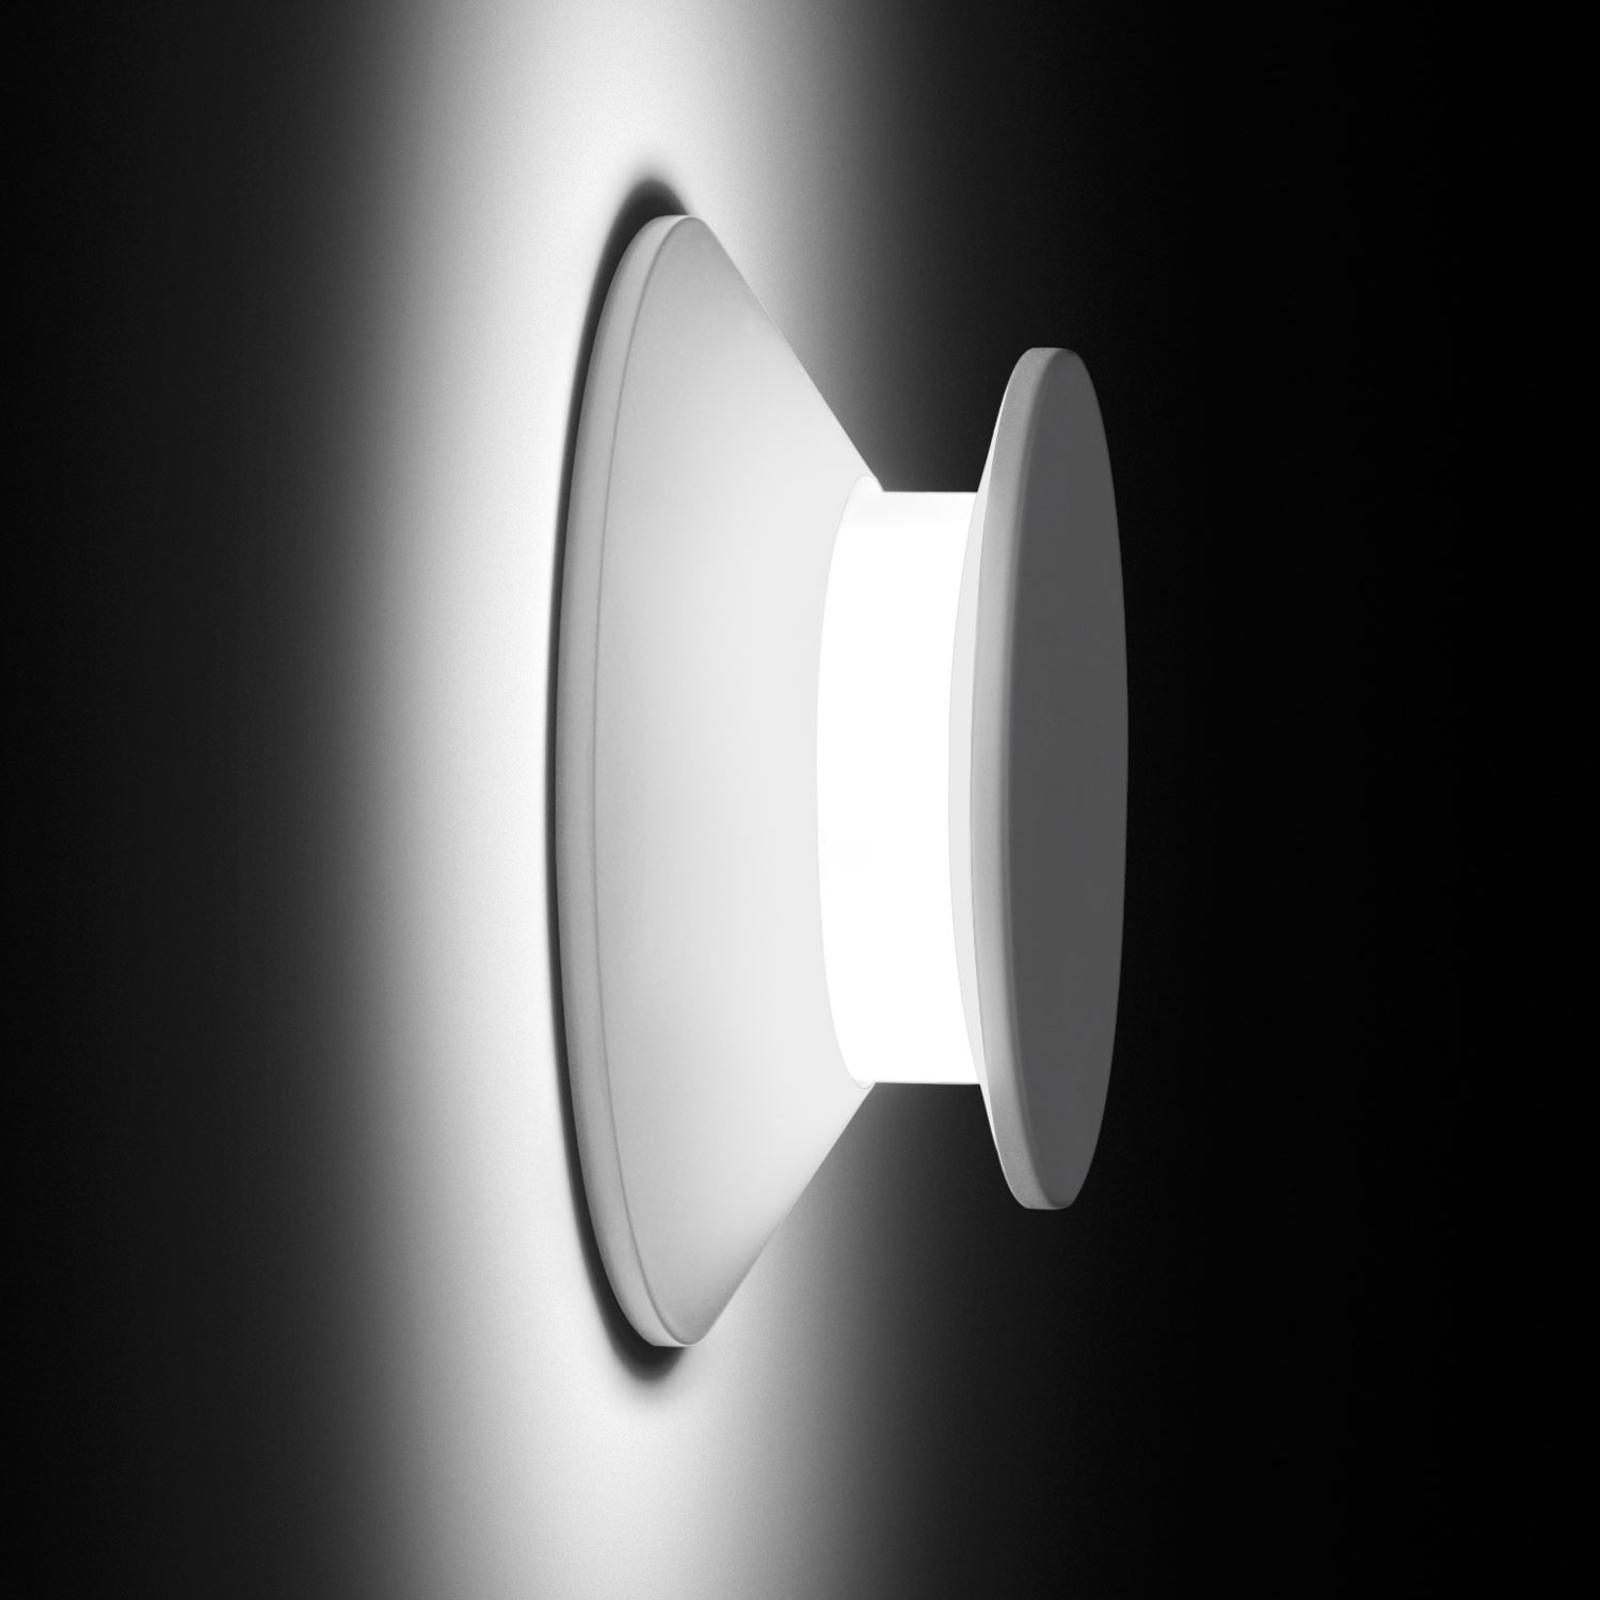 Vibia Micro 2015 LED-ulkoseinälamppu, valkoinen